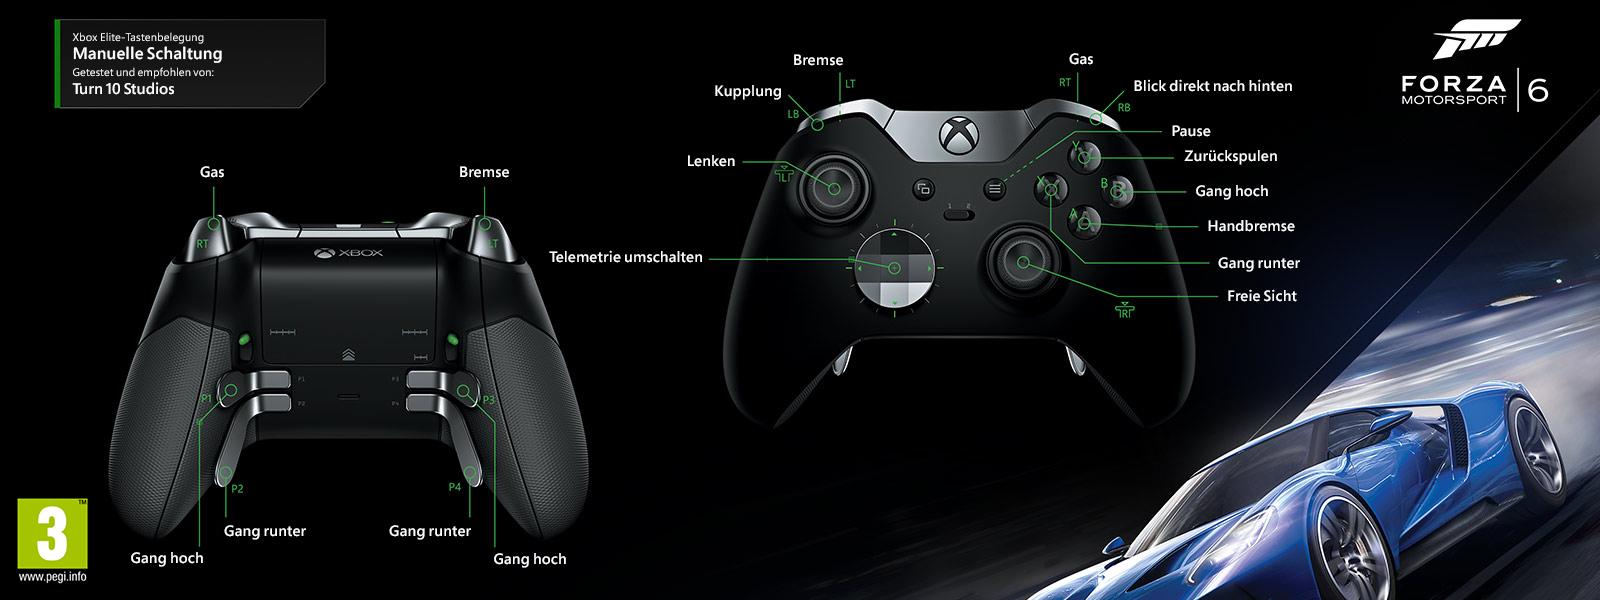 Forza Motorsport 6 – Elitezuordnung für manuelle Gangschaltung